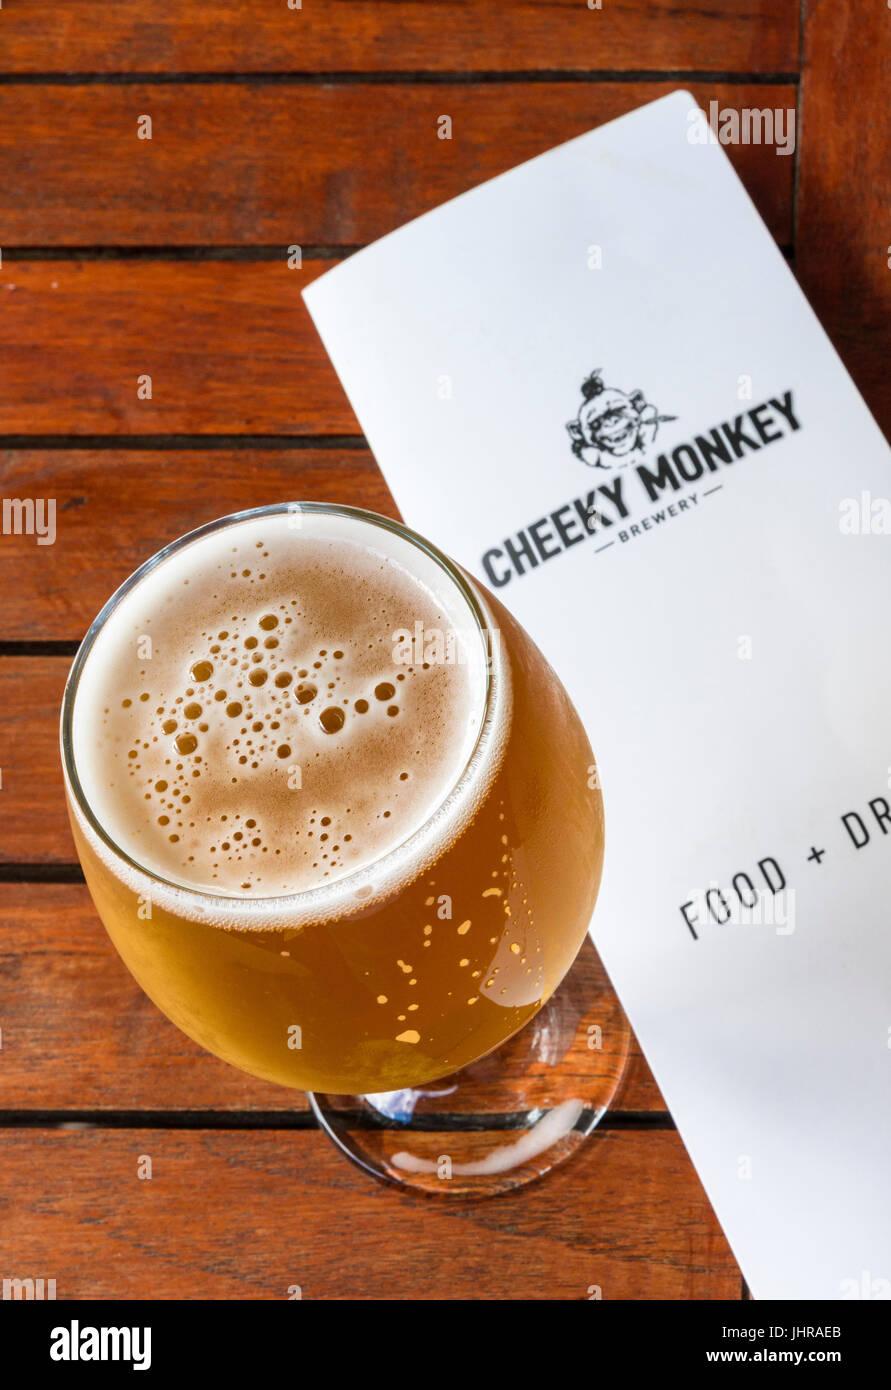 Se centran en un vaso de cerveza ale rubia en la cervecería, Cheeky Monkey Wilyabrup, Australia Occidental Imagen De Stock